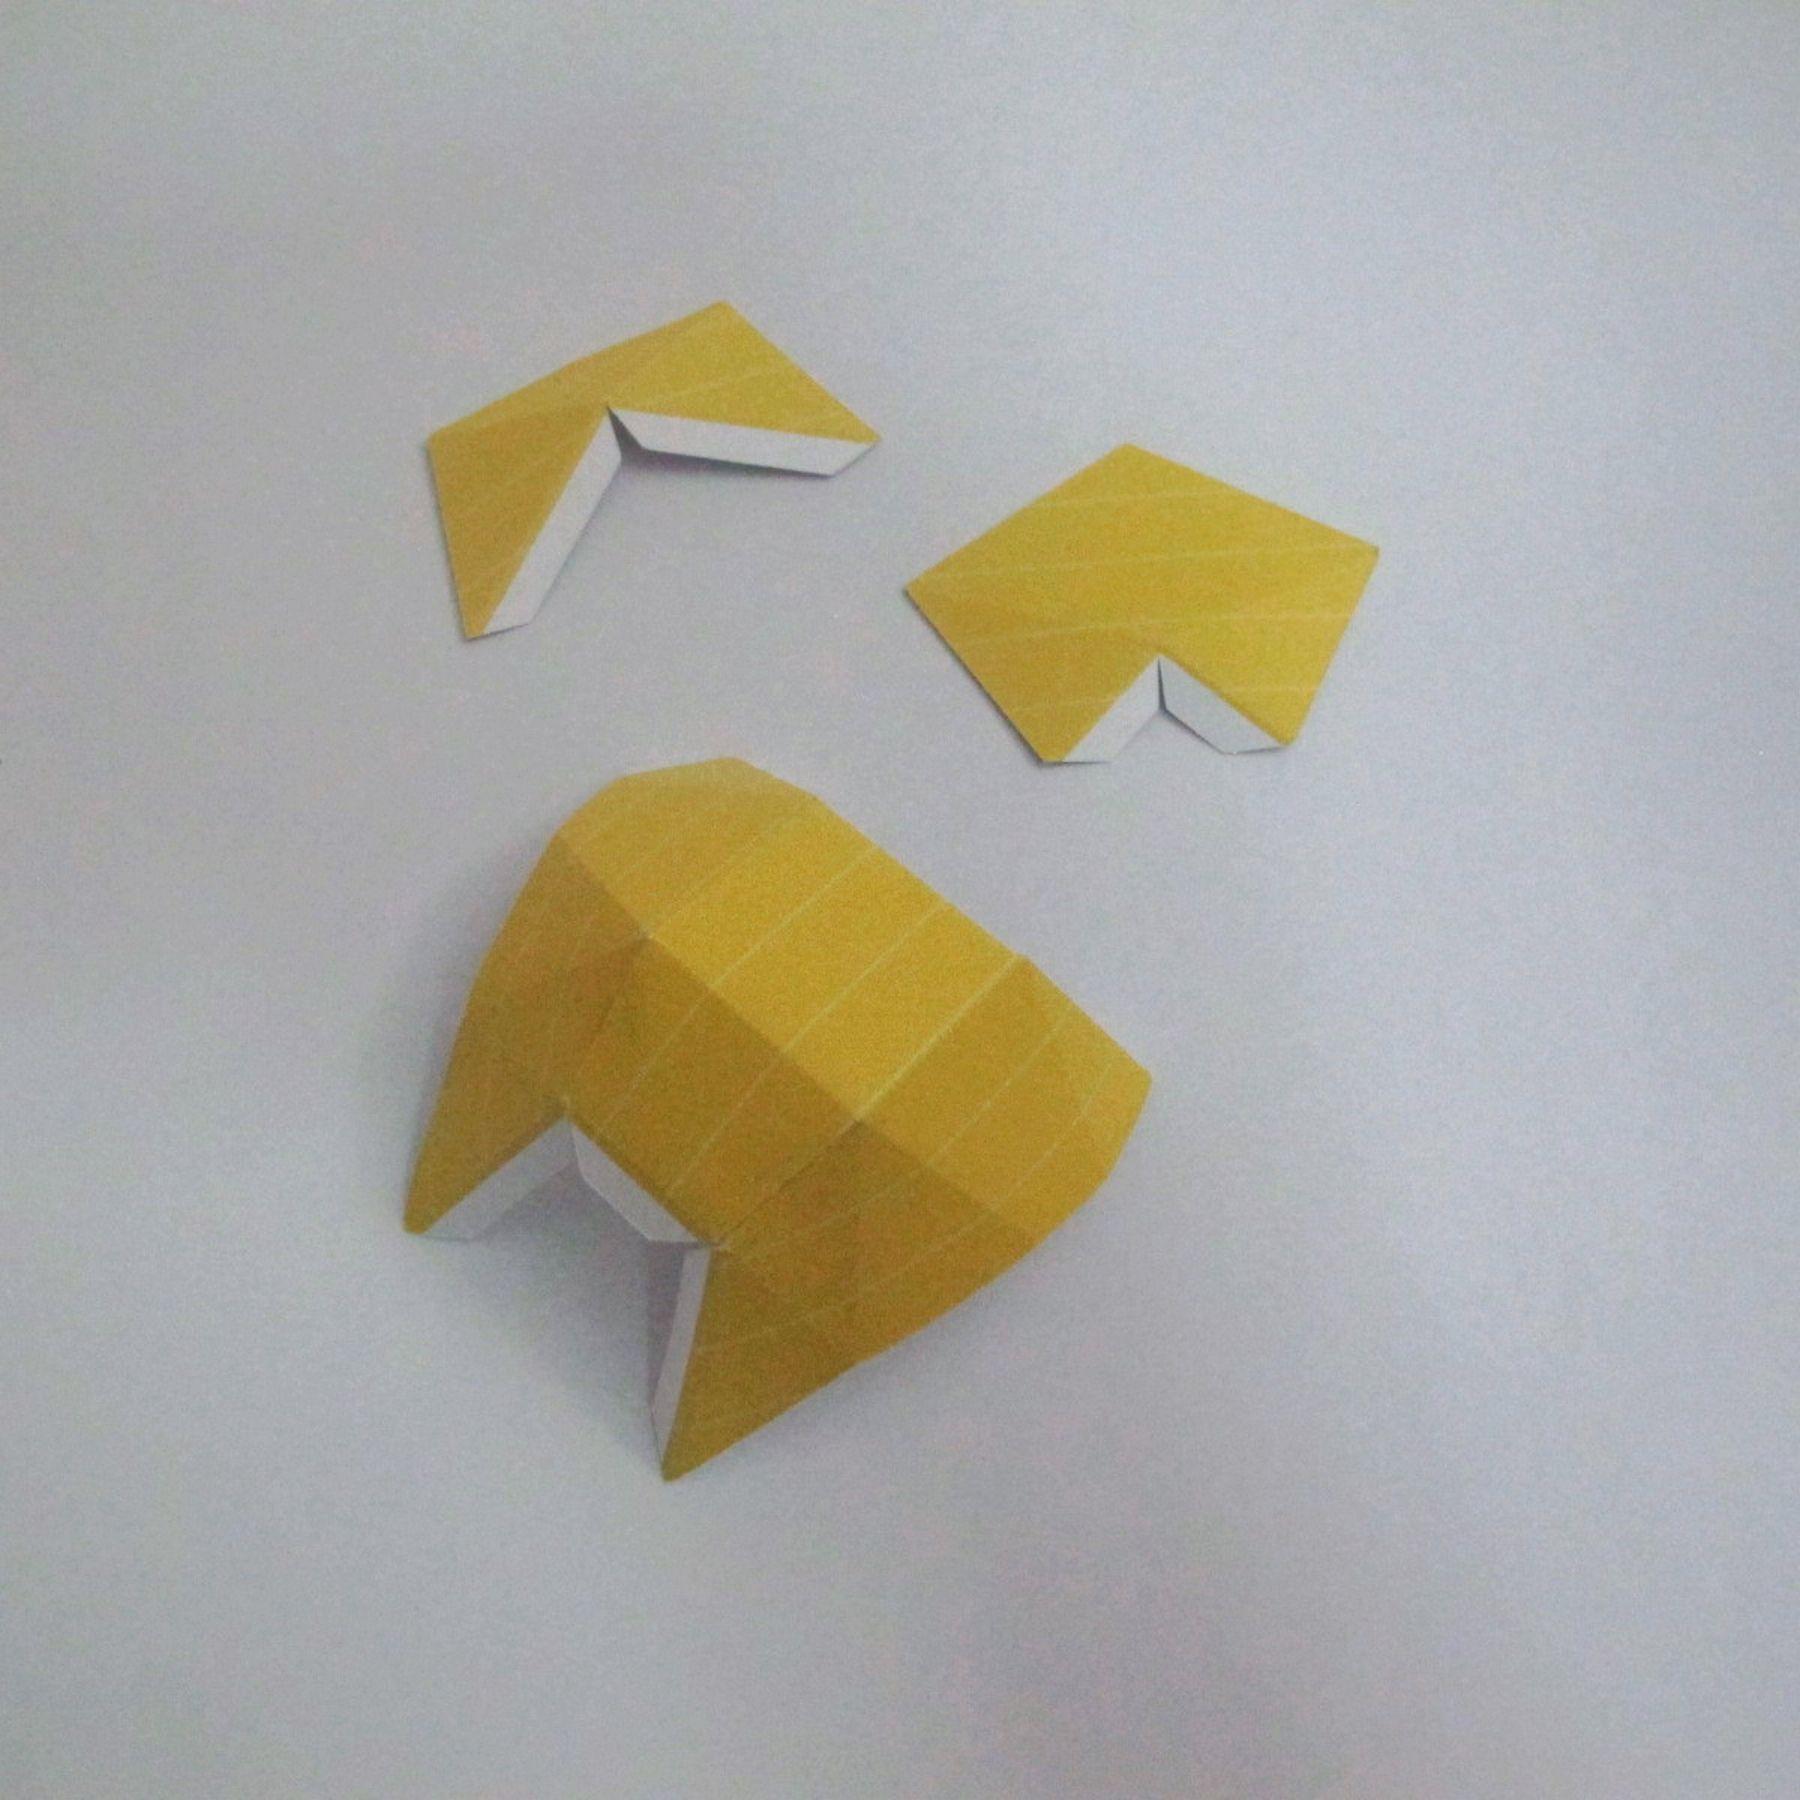 วิธีทำของเล่นโมเดลกระดาษ วูฟเวอรีน (Chibi Wolverine Papercraft Model) 007